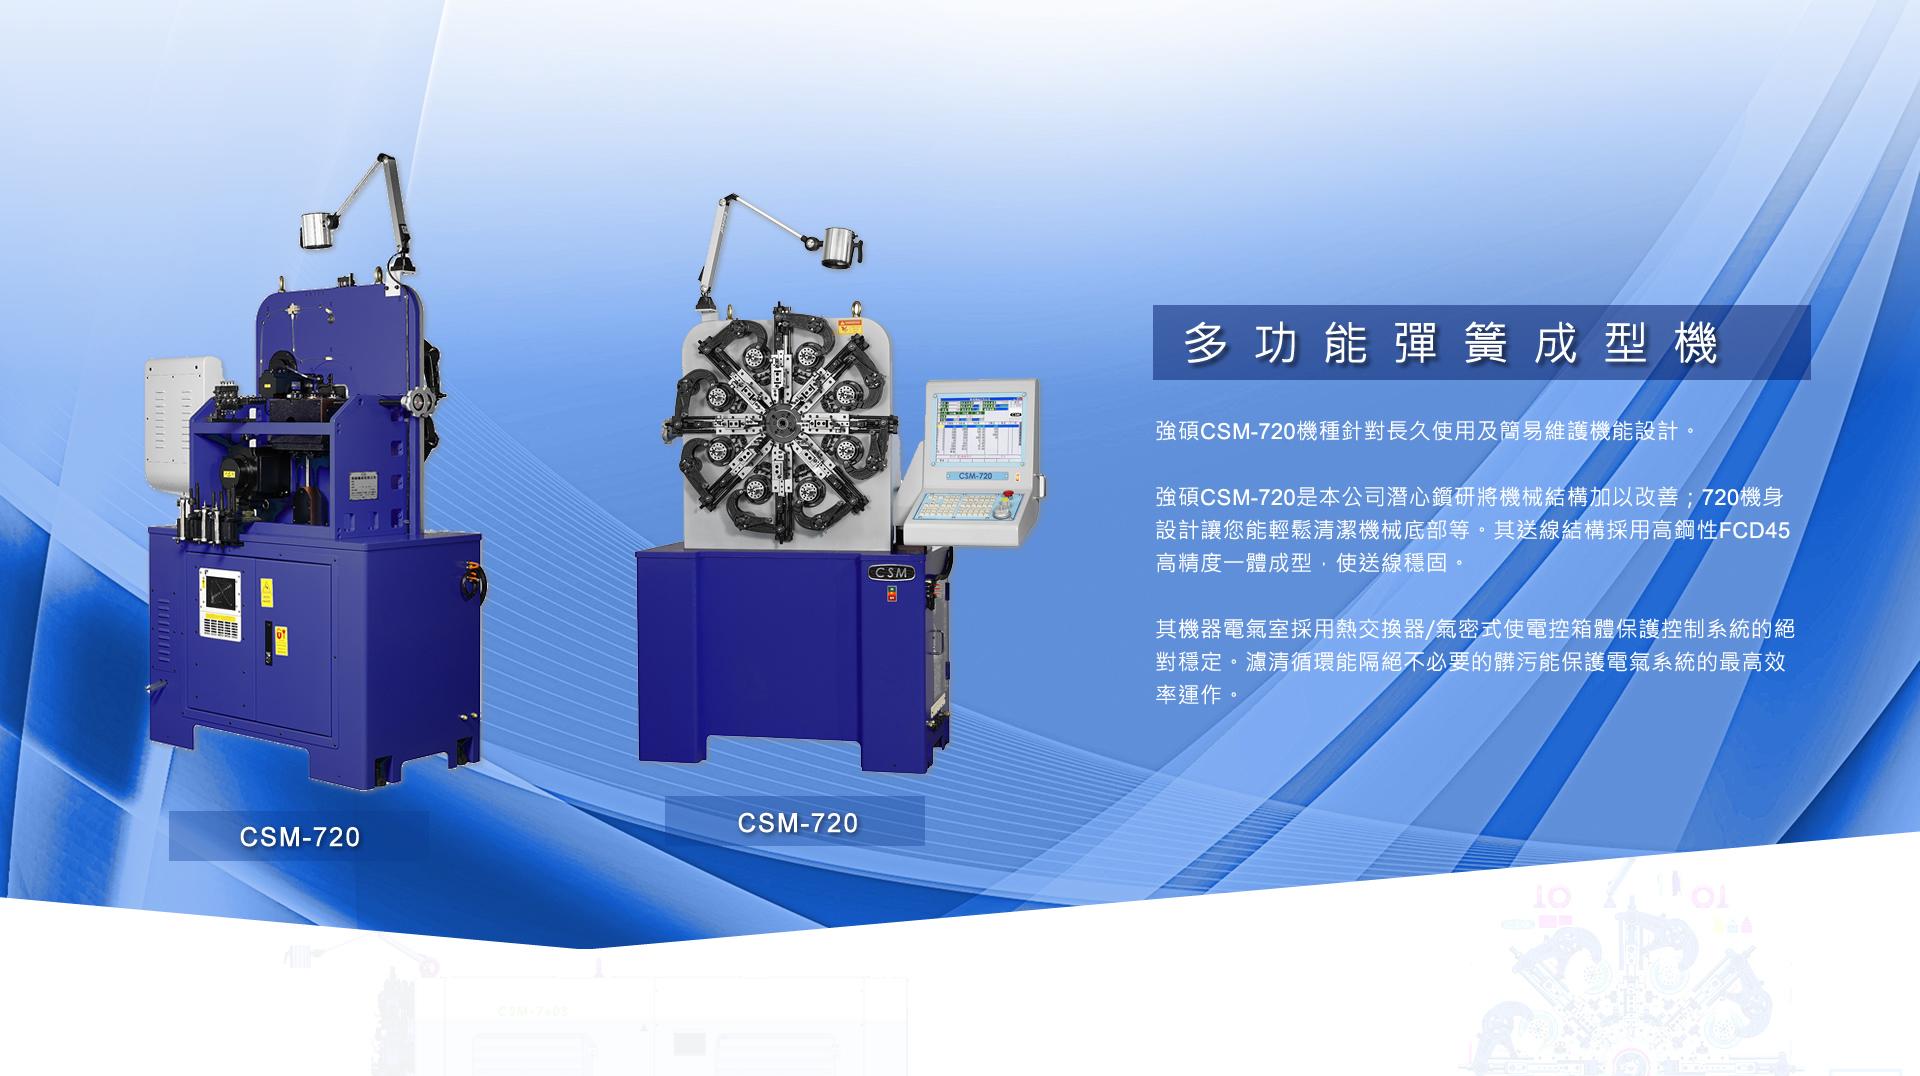 CSM-720